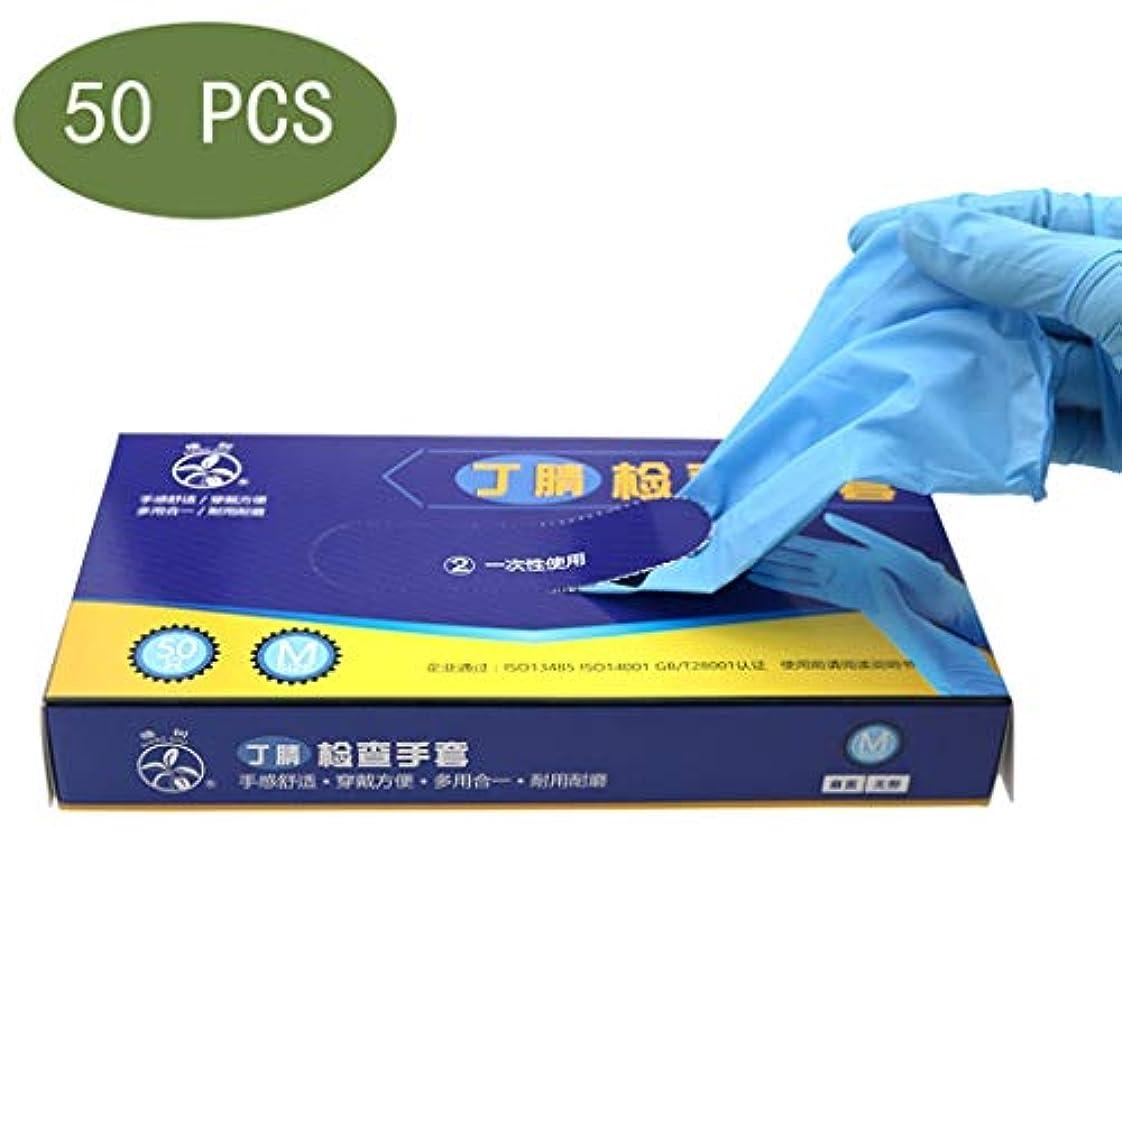 ごめんなさい地平線低いニトリル試験手袋-医療グレード、パウダーフリー、ラテックスゴムフリー、使い捨て、非滅菌、食品安全、テクスチャー、青、3ミル、50個入り、サイズ大、家庭用クリーニング手袋 (Color : Blue, Size : S)